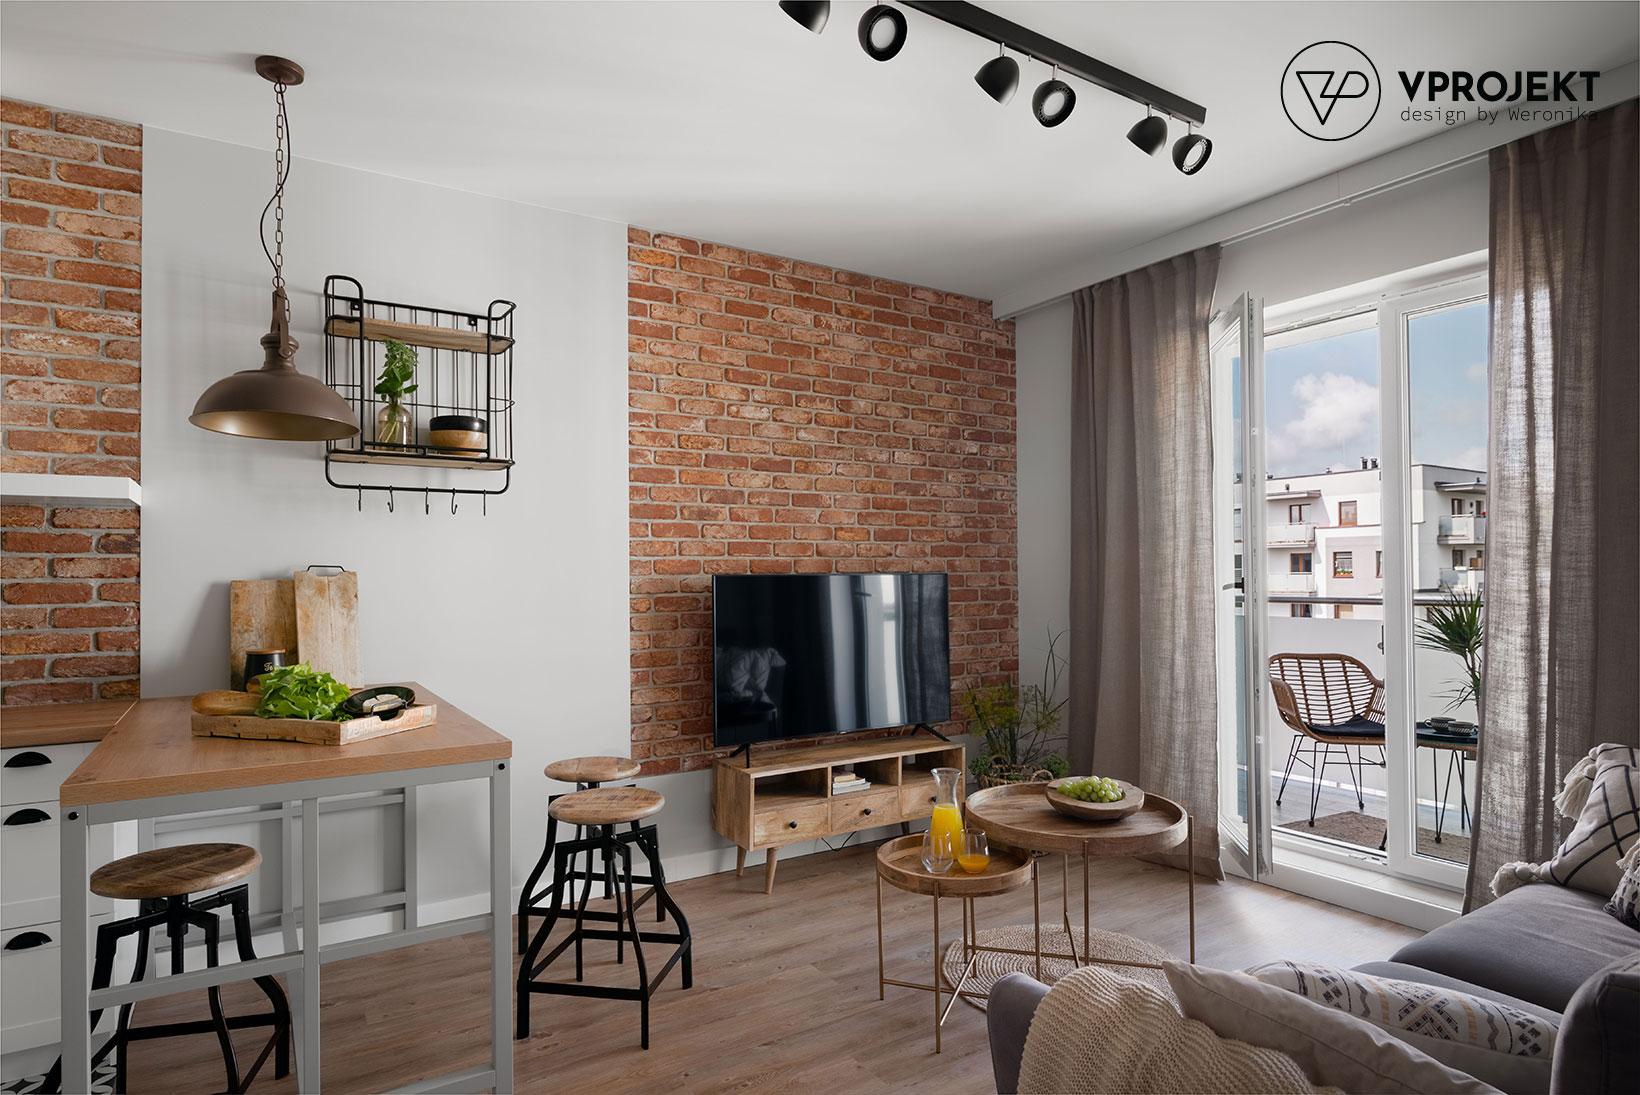 Salon z aneksem kuchennym, w tle wyjście na balkon